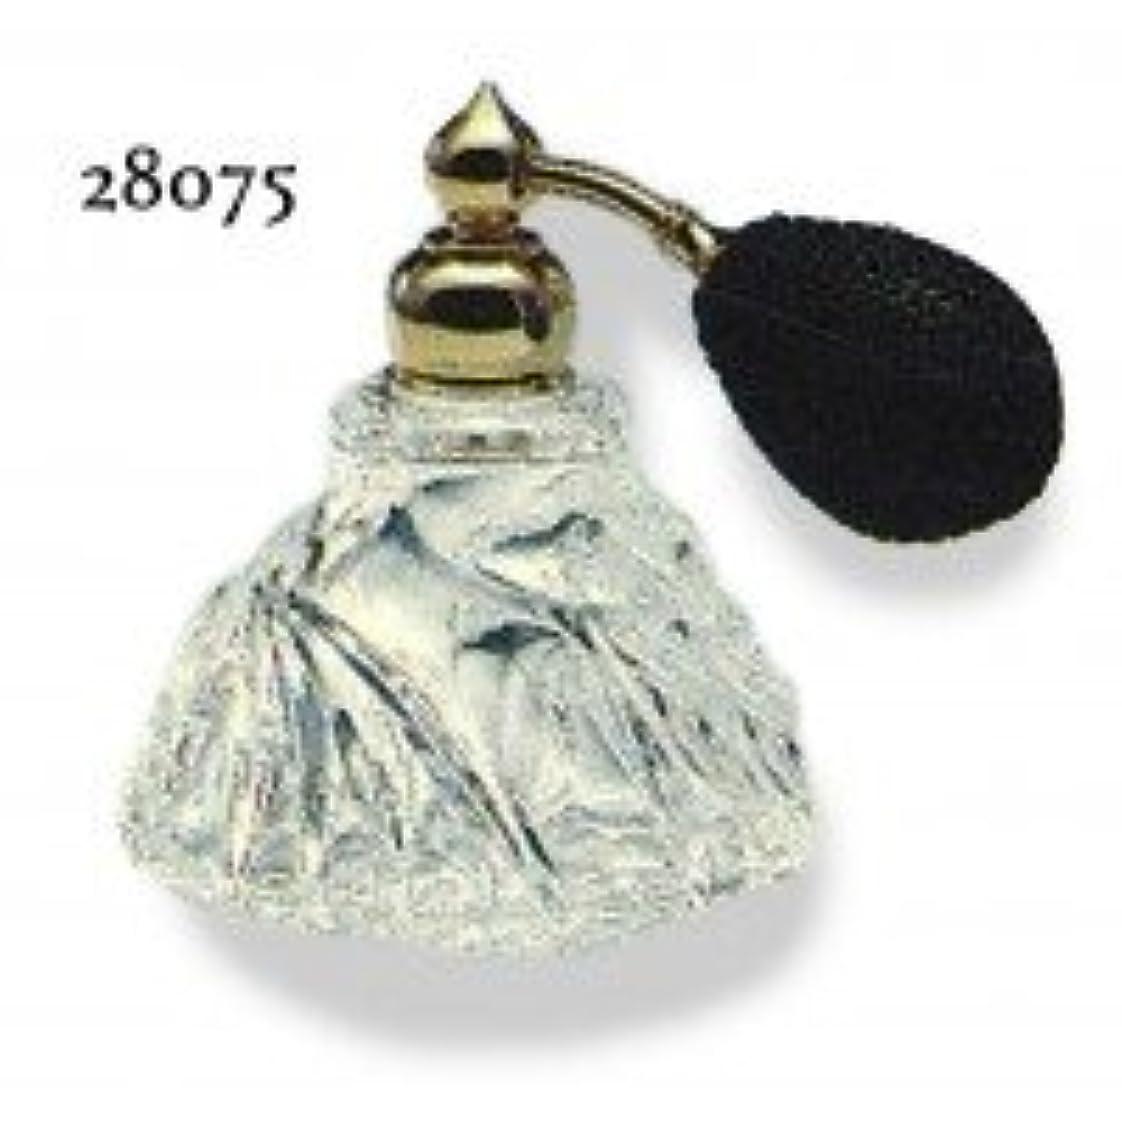 不愉快断片バングラデシュドイツ製クリスタル香水瓶リードクリスタル 長